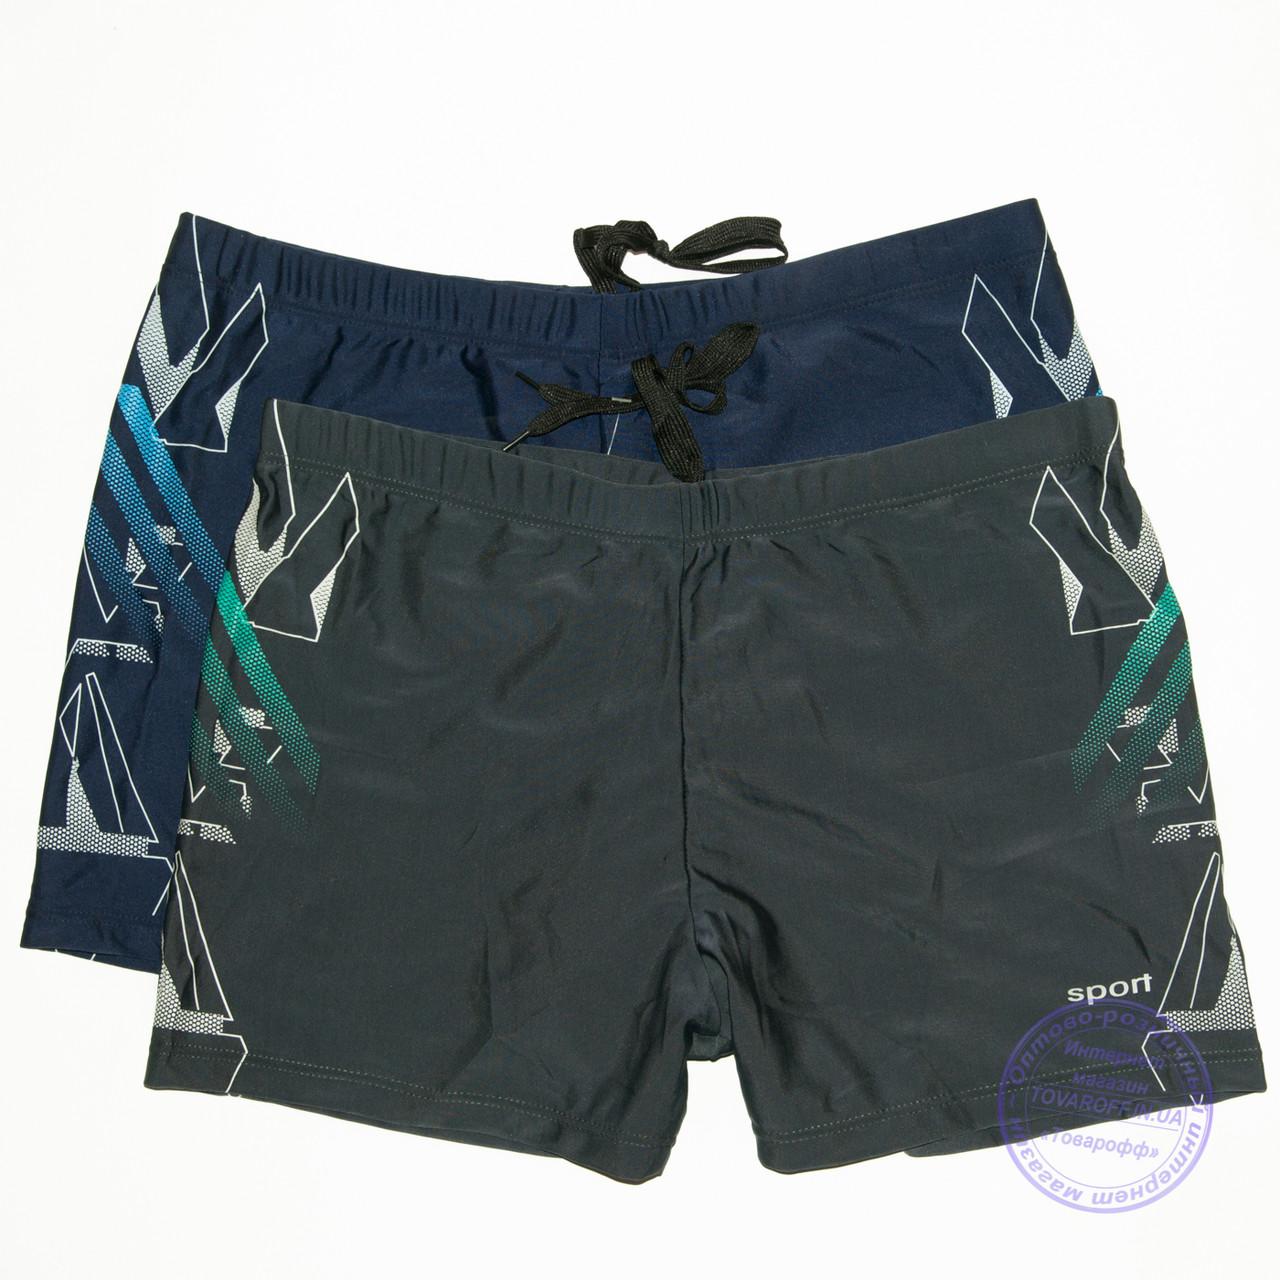 Чоловічі боксерки для купання - 17501